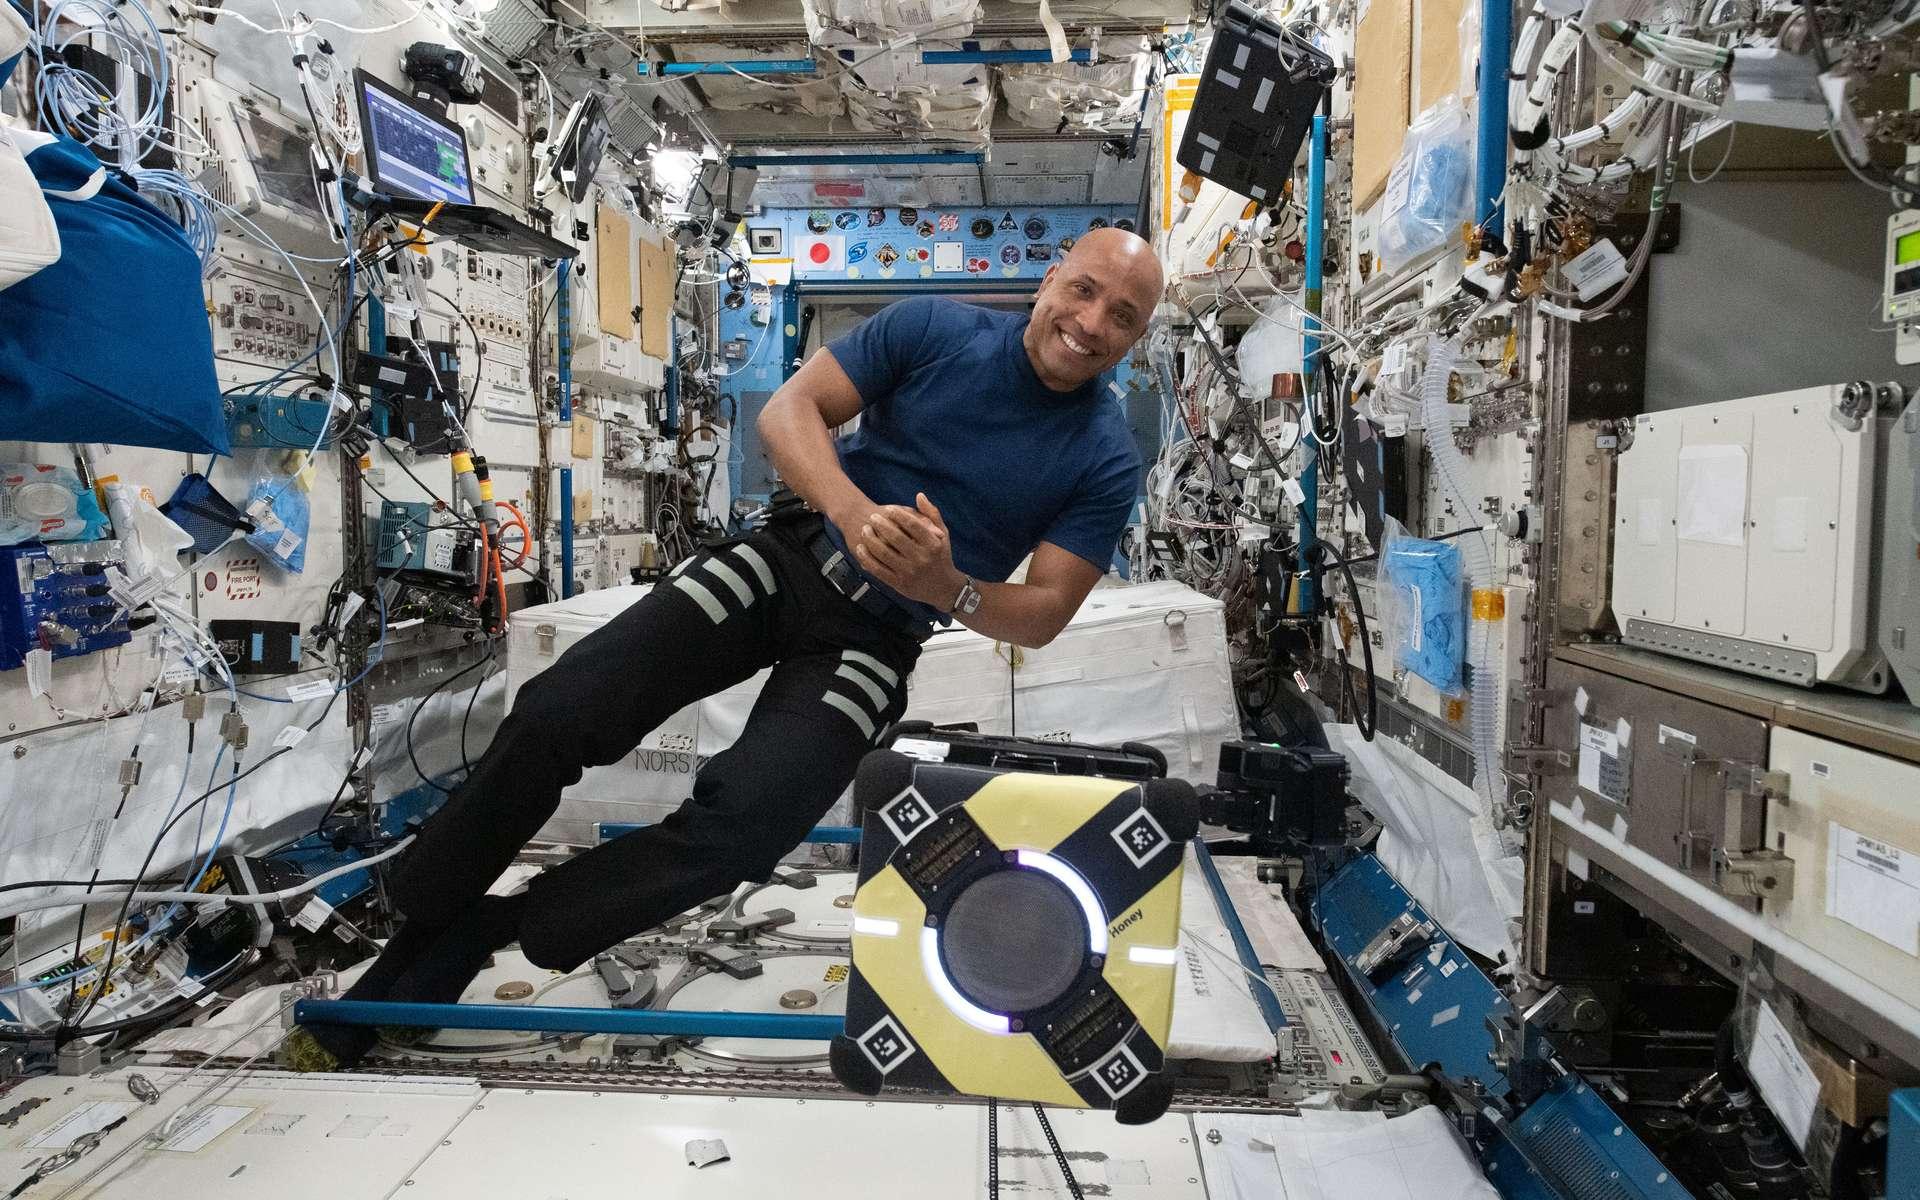 L'astronaute de la Nasa et ingénieur de vol Expedition 64, Victor Glover travaille avec le robot Astrobee à bord de la station spatiale pour tester un adhésif pour la saisie et la manipulation robotiques dans le cadre de l'expérience Astrobee / Gecko-2. © Nasa